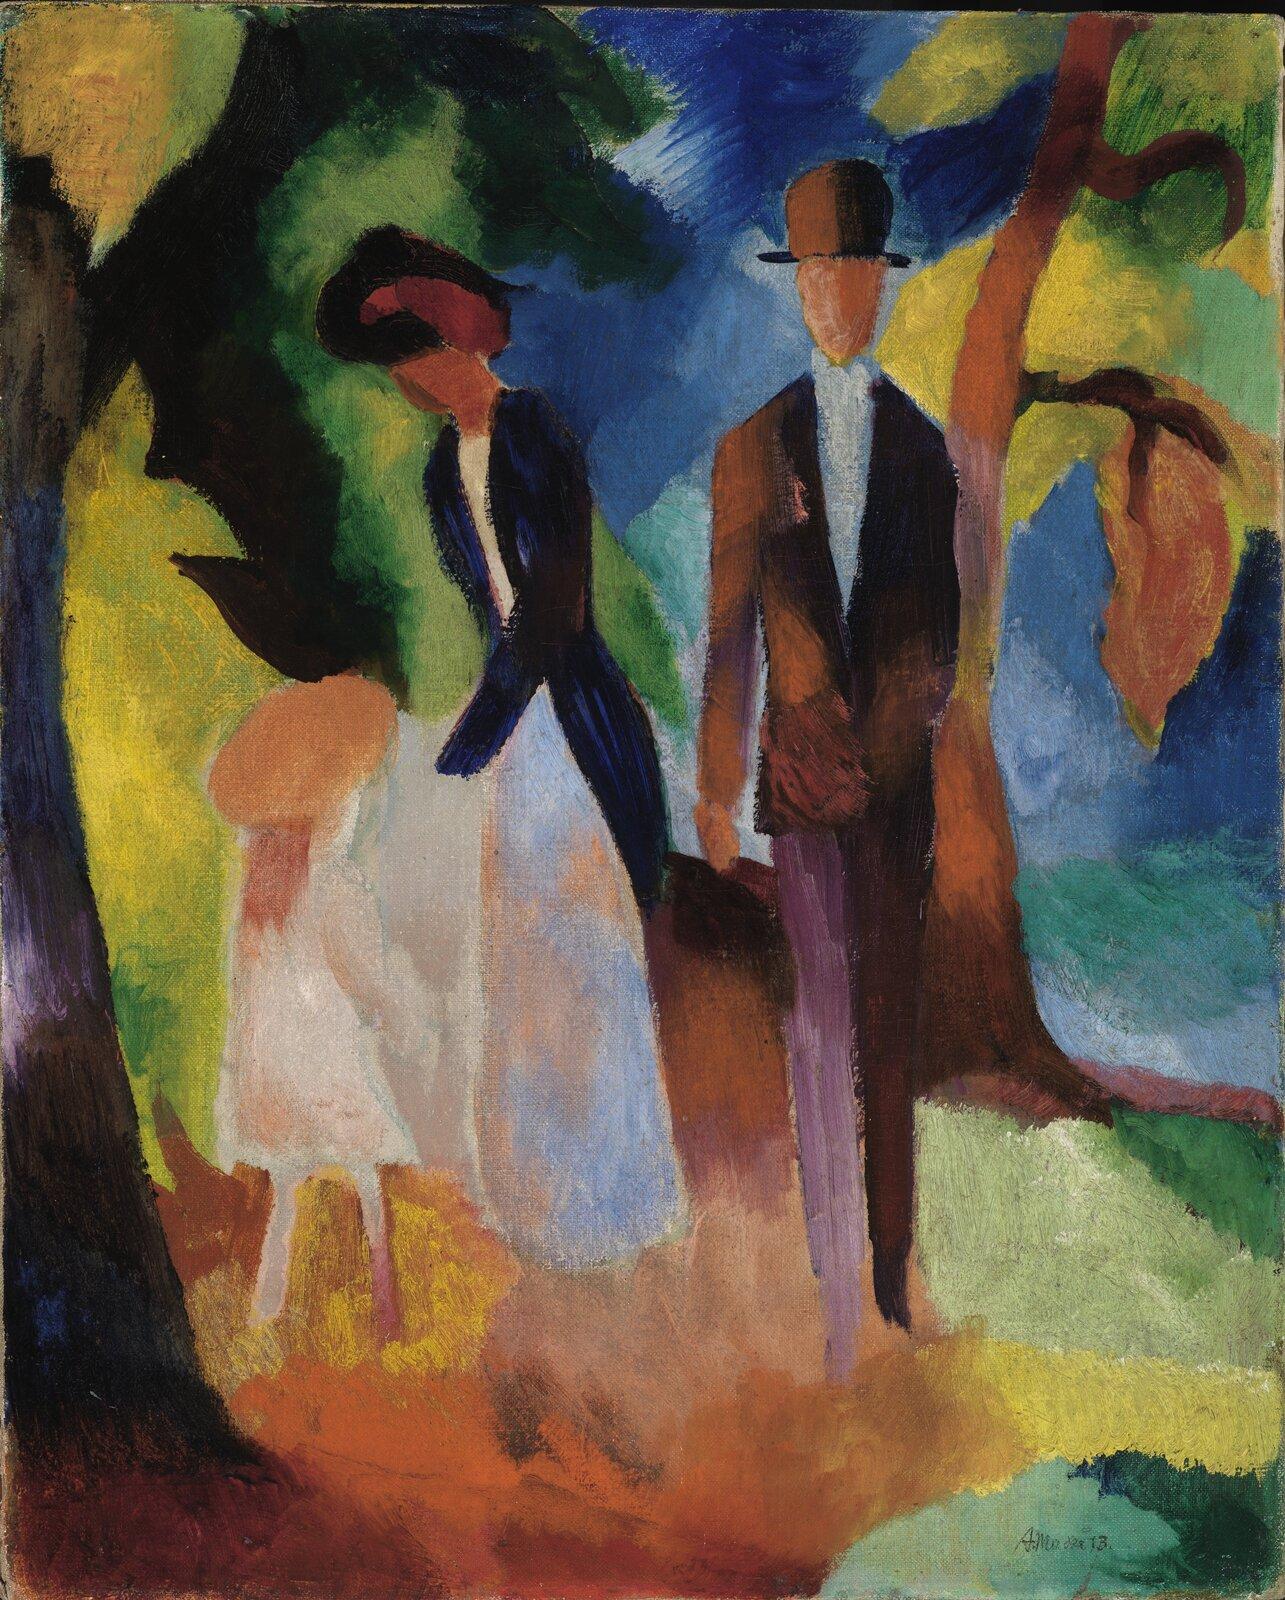 """Ilustracja przedstawia dzieło Augusta Macka, """"Ludzie nad błękitnym jeziorem"""". Kolorowy abstrakcyjny obraz ukazuje dziecko, kobietę imężczyznę na spacerze. Są na pierwszym planie. Postacie nie mają szczegółów. Mężczyzna ma brązowy kapelusz imarynarkę, spodnie, których jedna nogawka jest brązowa, adruga fioletowa. Kobieta jest wjasnej sukni igranatowym żakiecie. Pochyla się lekko nad dziewczynką wberecie. Obok nich rosną dwa drzewa."""